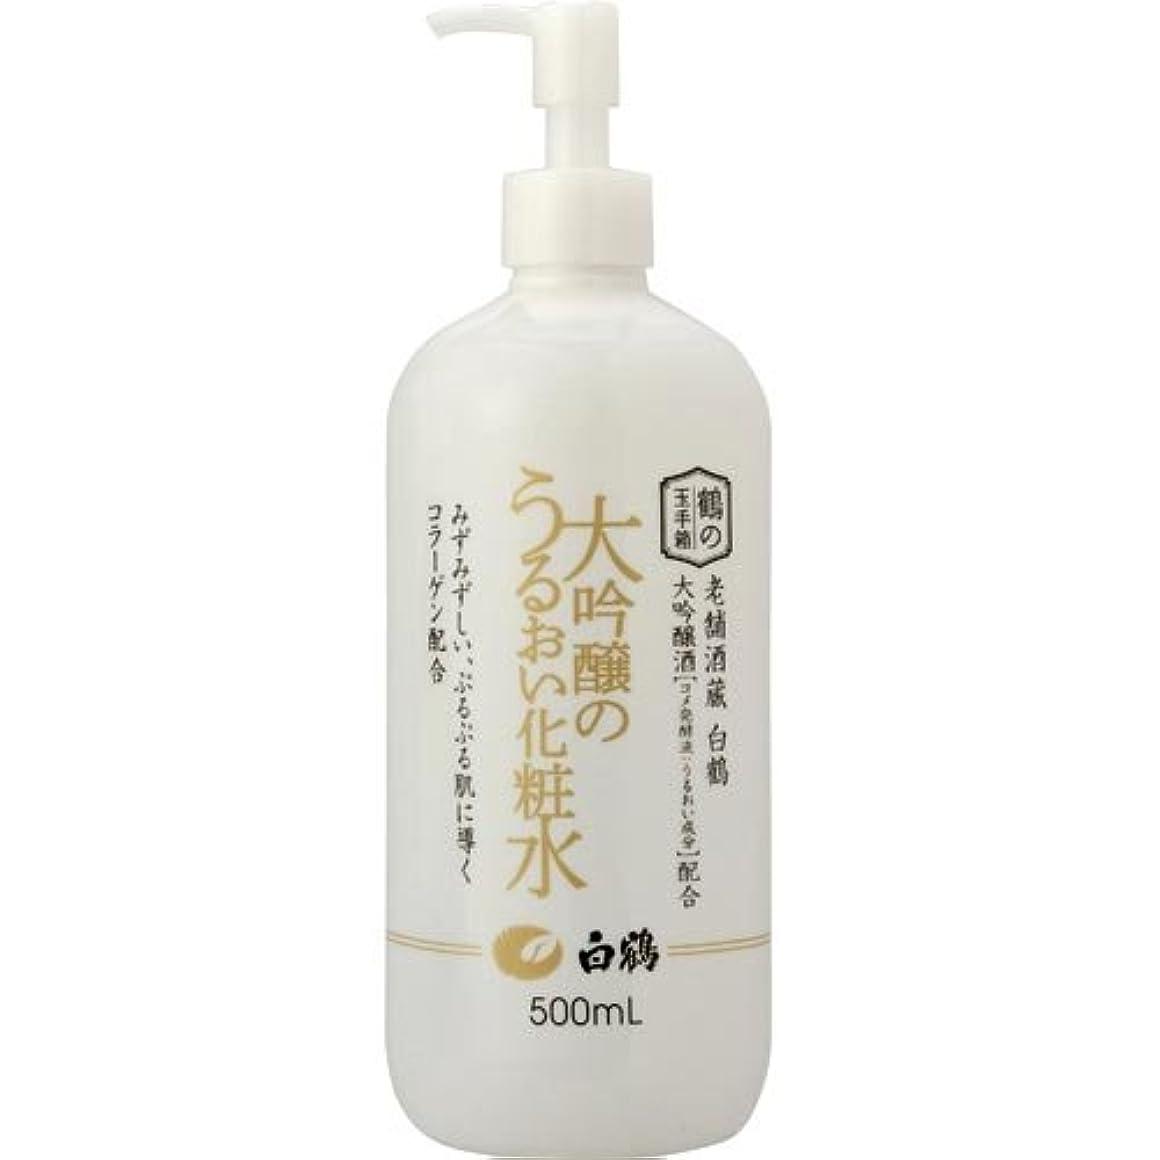 光沢ミルクセクション白鶴 鶴の玉手箱 薬用 大吟醸のうるおい化粧水 500ml